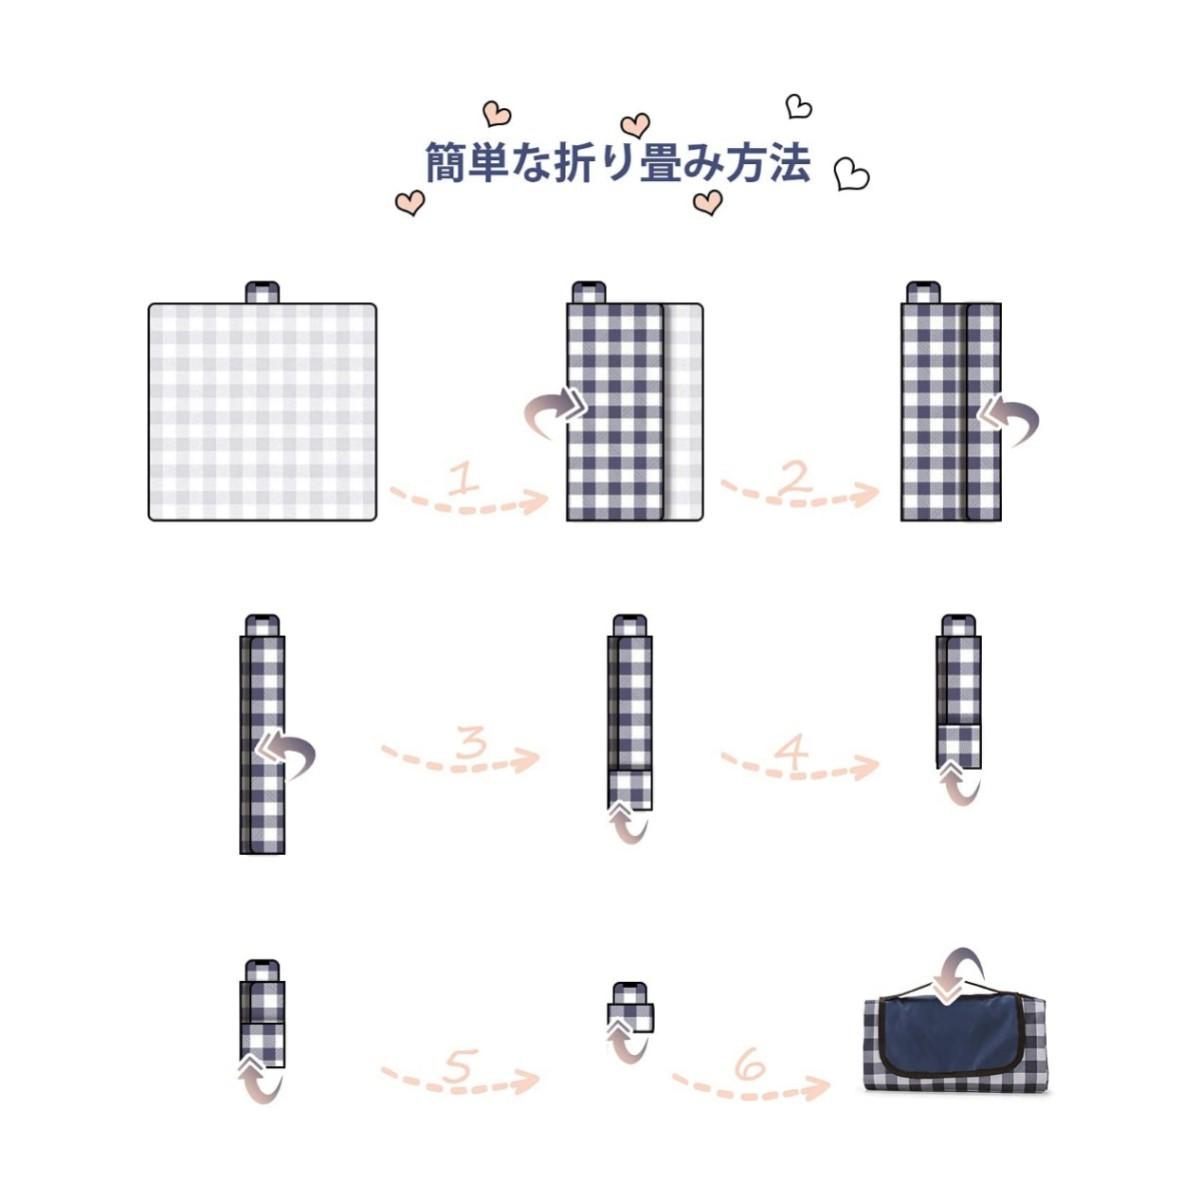 ★レジャーシート★ピクニックマット★ 折りたたみ式  コンパクト 6~8人用 防水 ピクニックシート 携帯